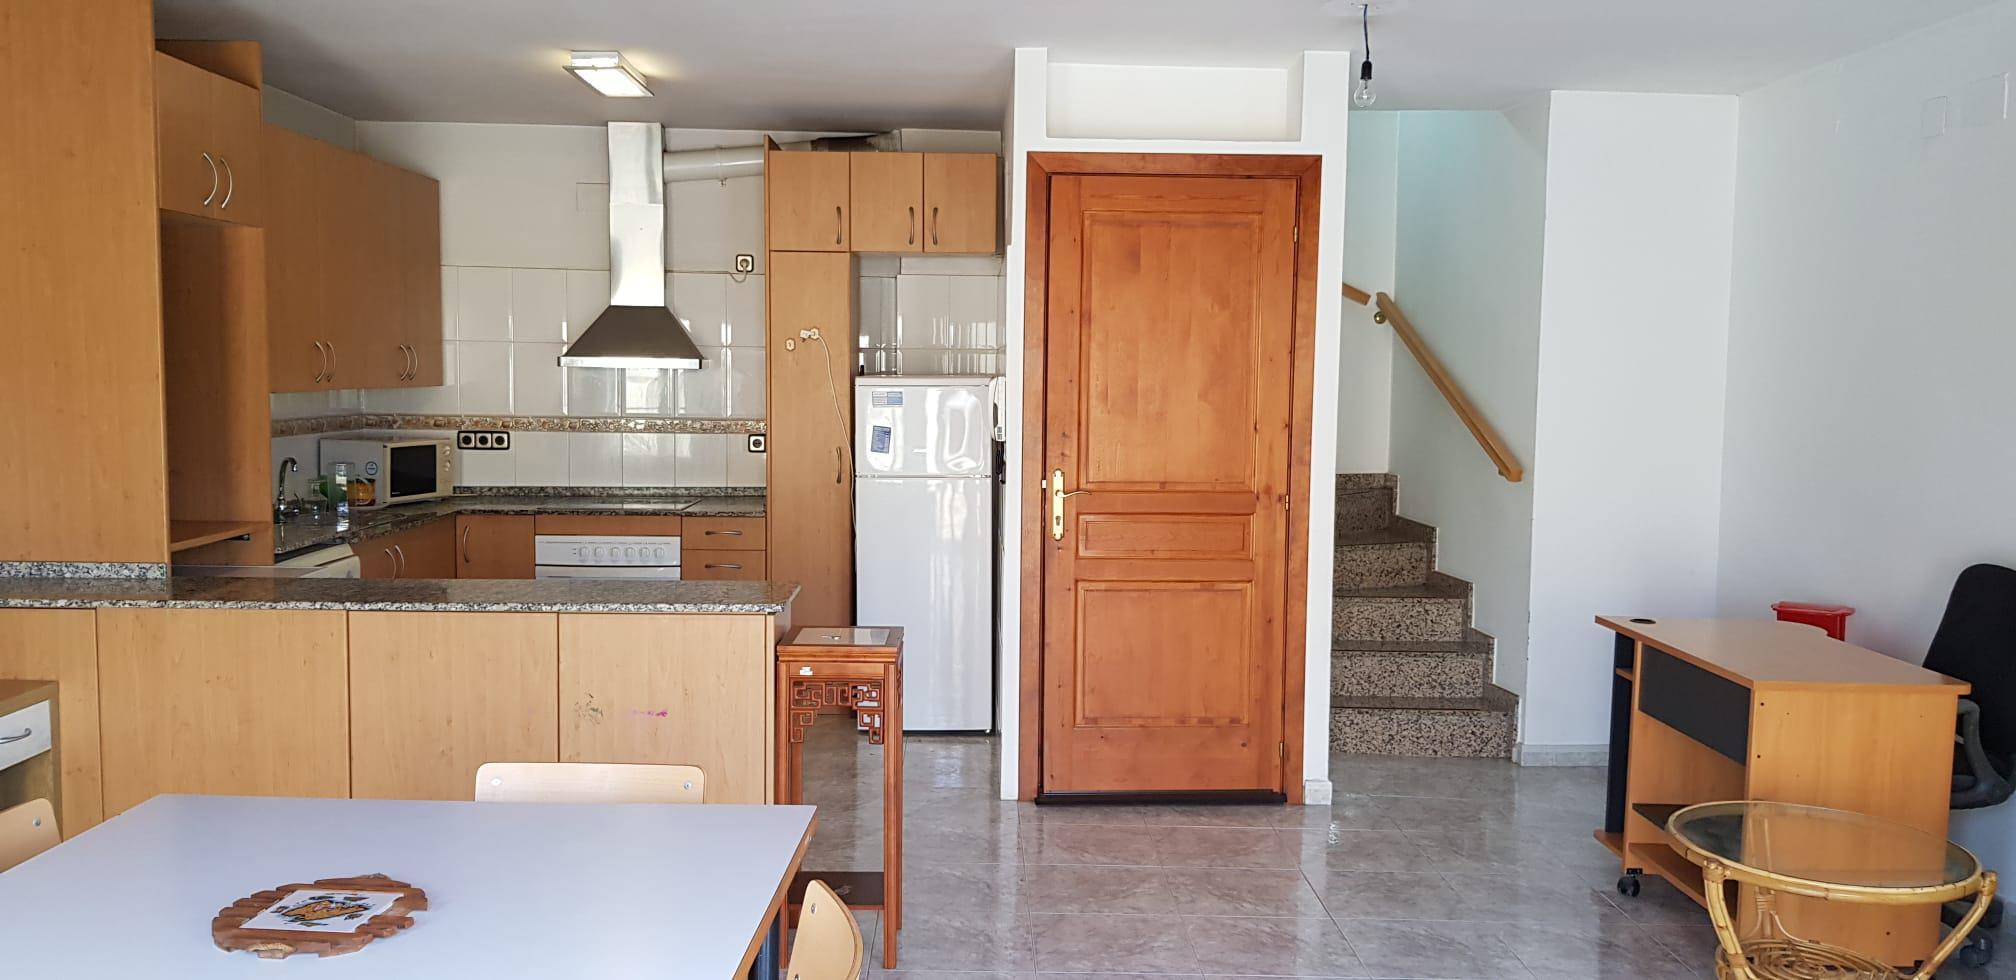 Imagen 2 Casa Adosada en venta en Franqueses Del Vallès (Les) / Corró de Vall  Les Franqueses del Valles